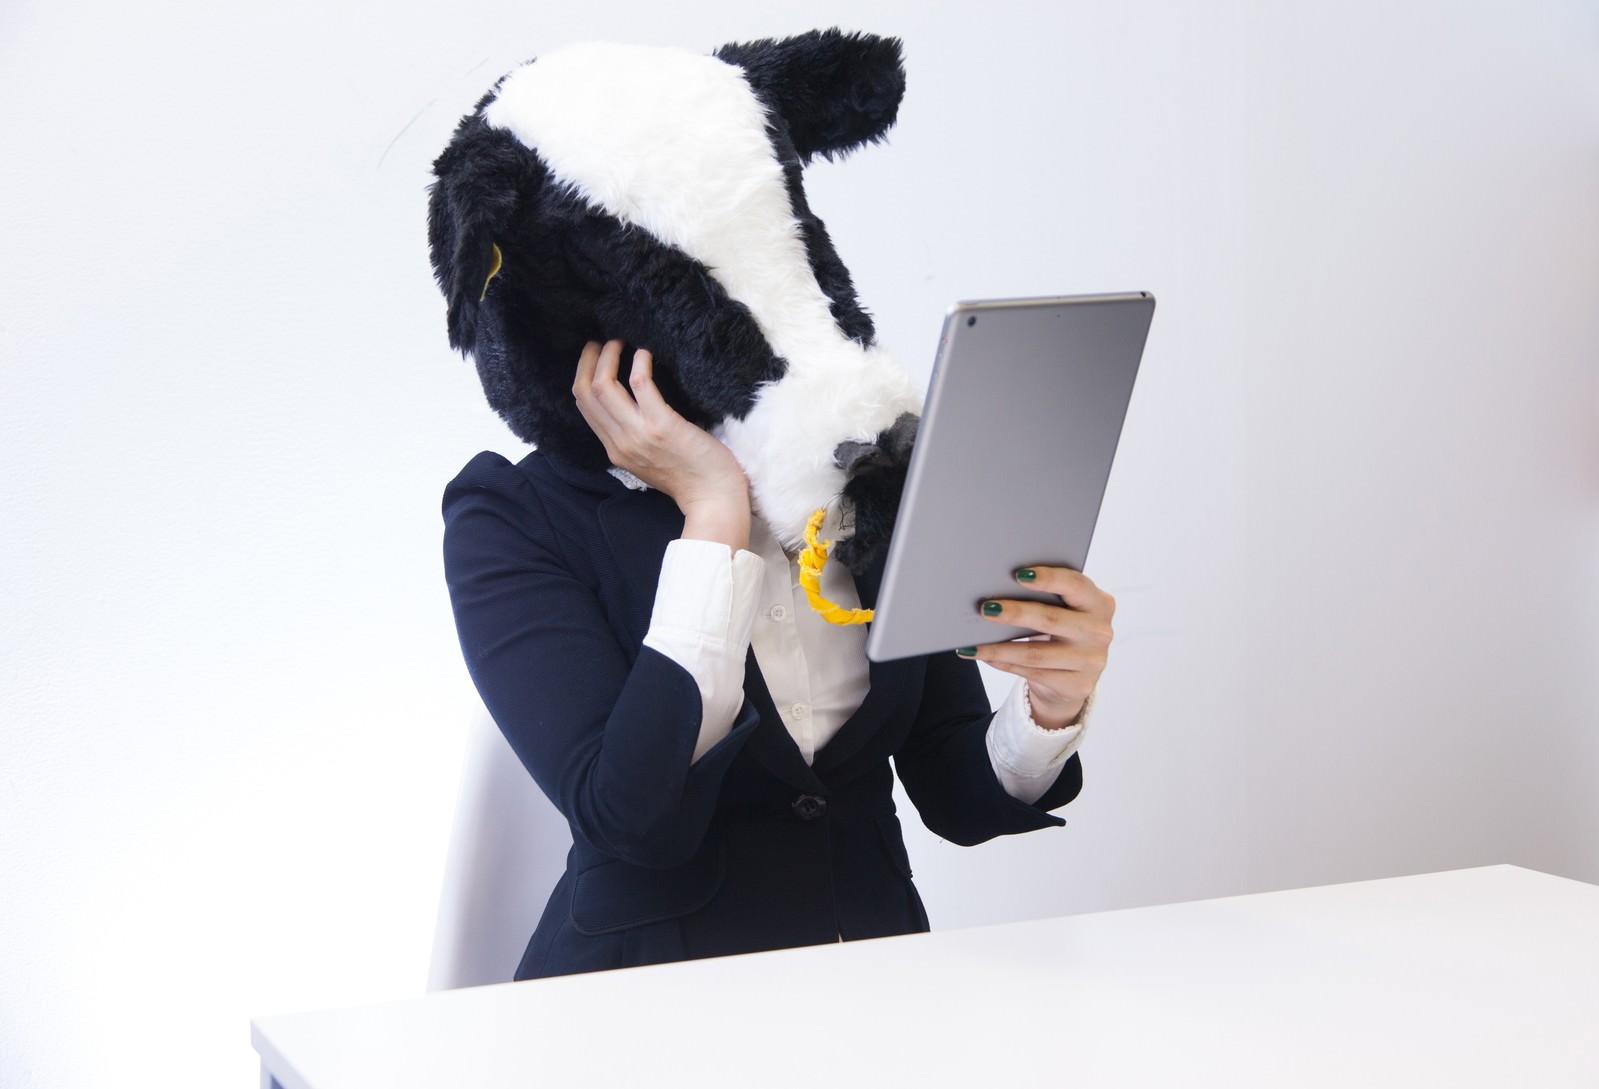 「自分の姿にうっとりするエト牛自分の姿にうっとりするエト牛」[モデル:古性のっち]のフリー写真素材を拡大